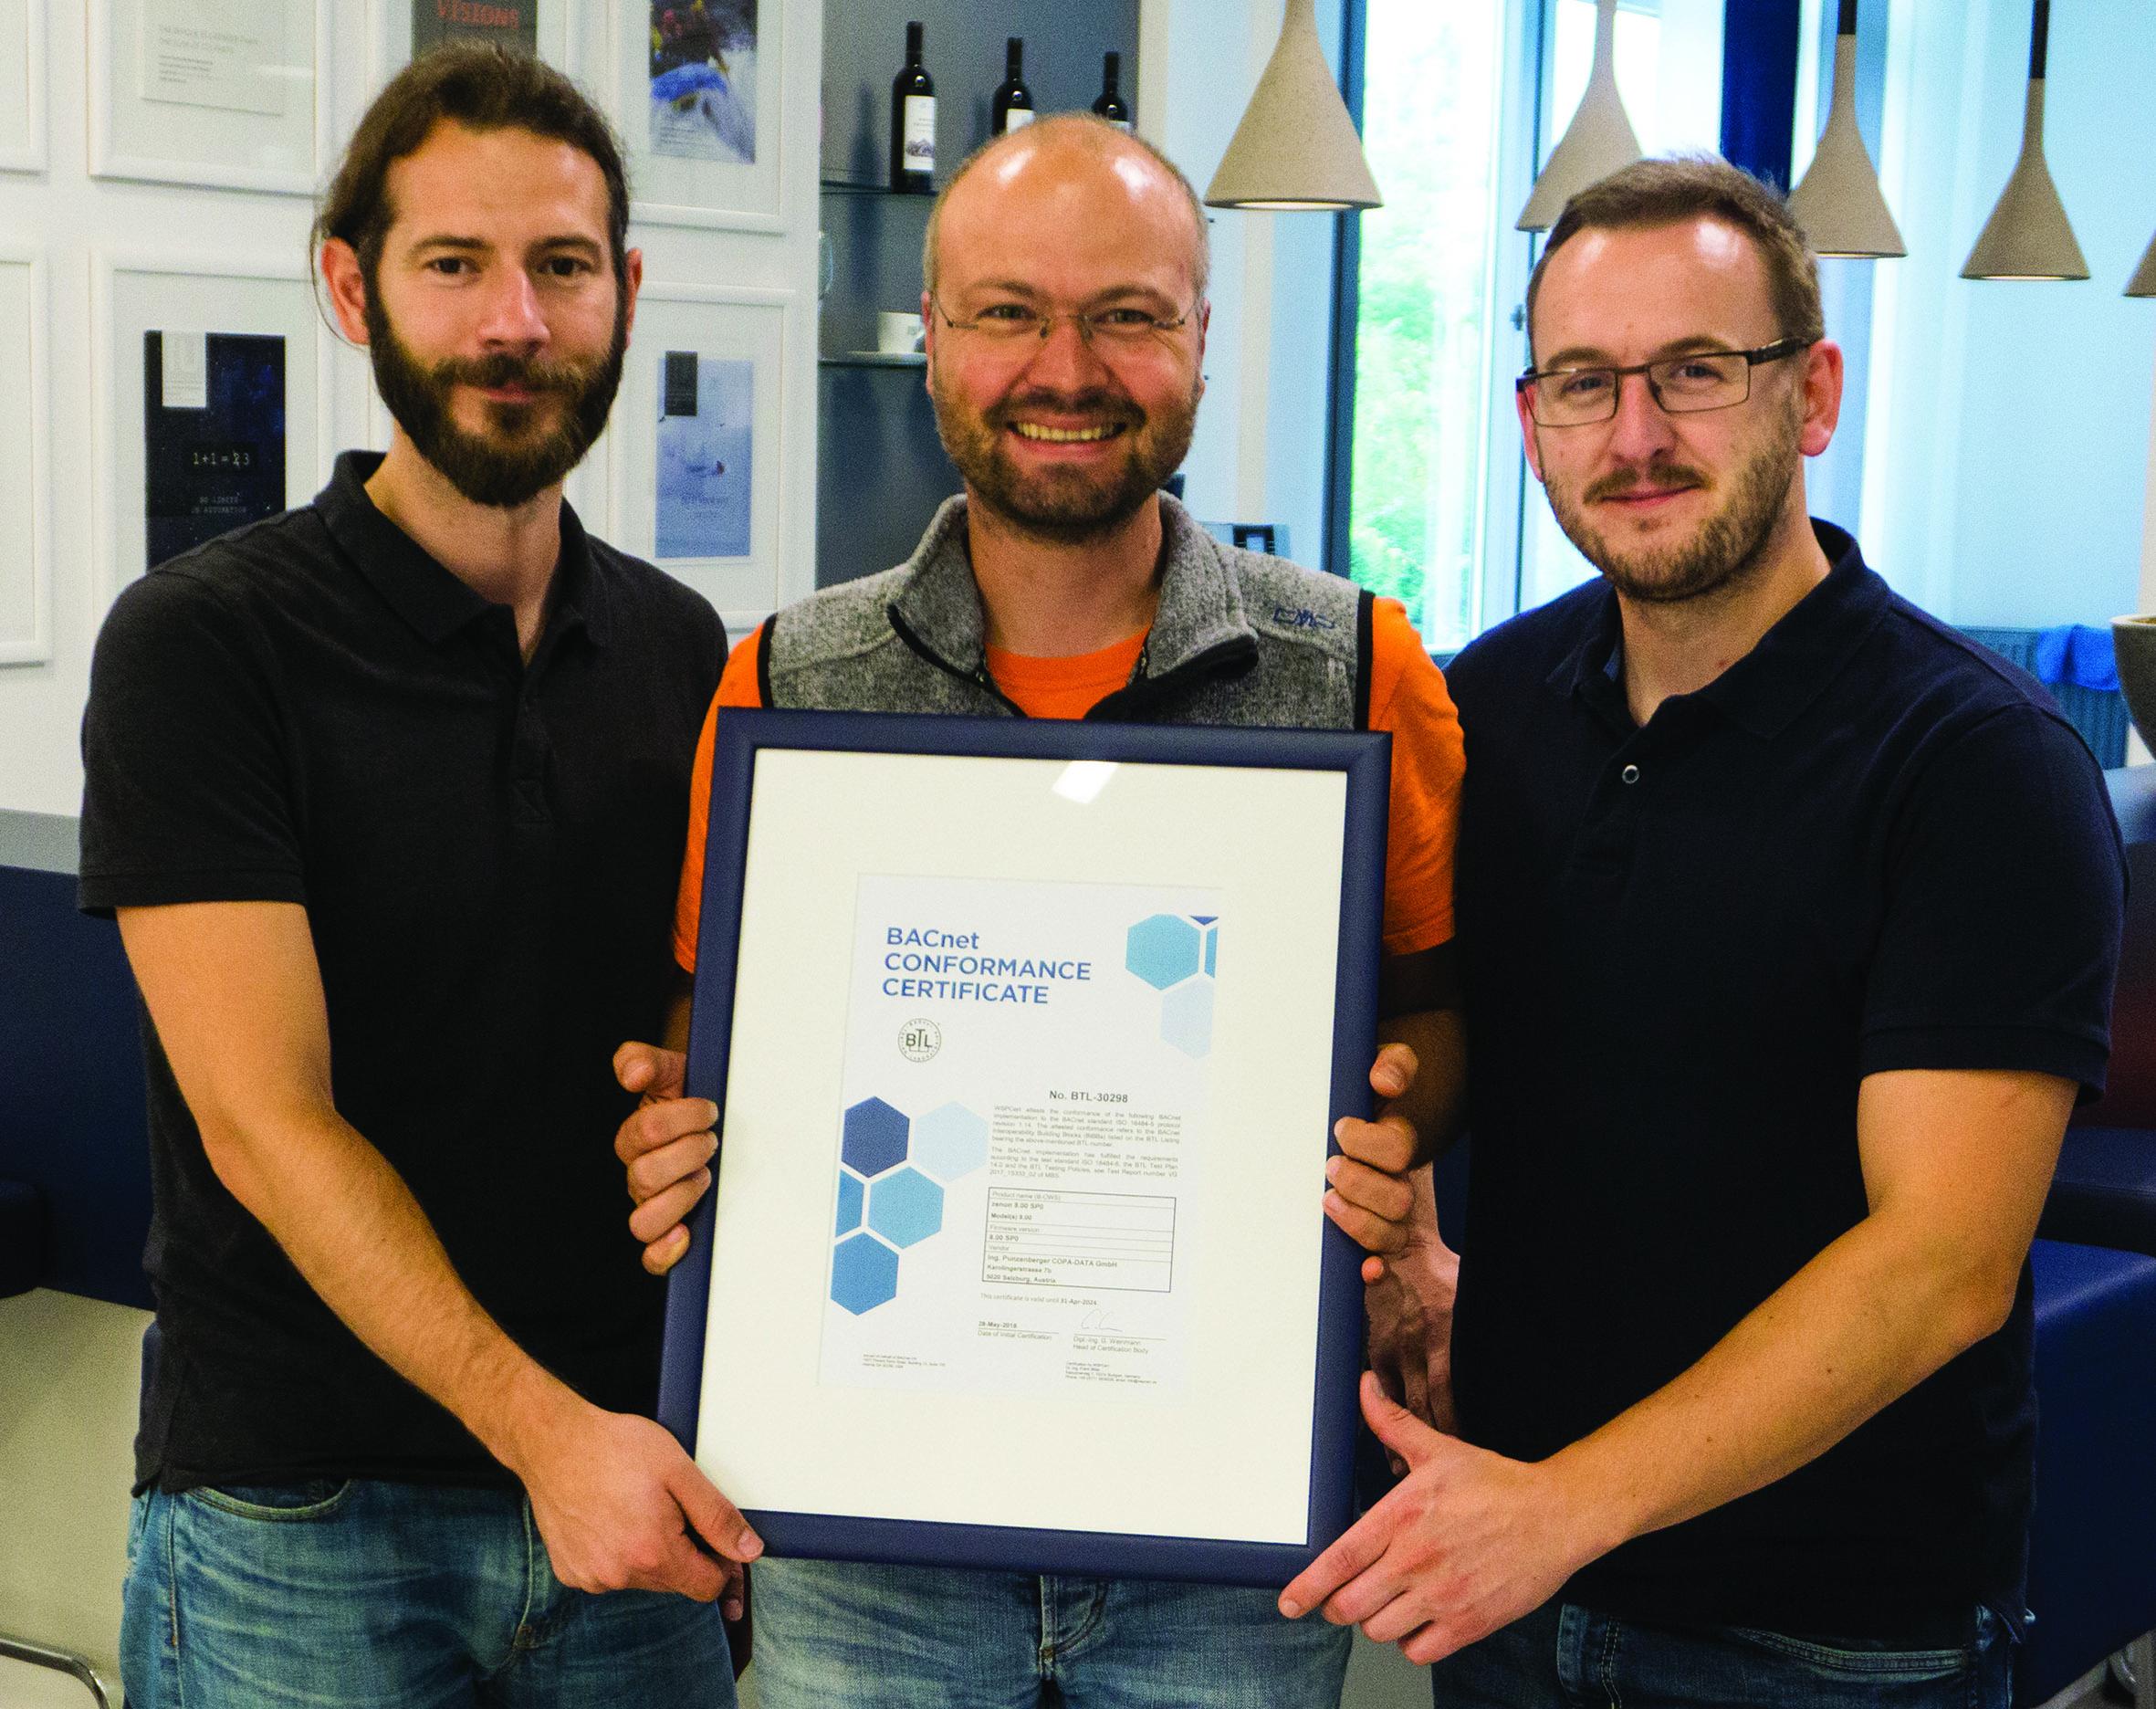 Certyfikat BACnet dla oprogramowania zenon firmy COPA-DATA